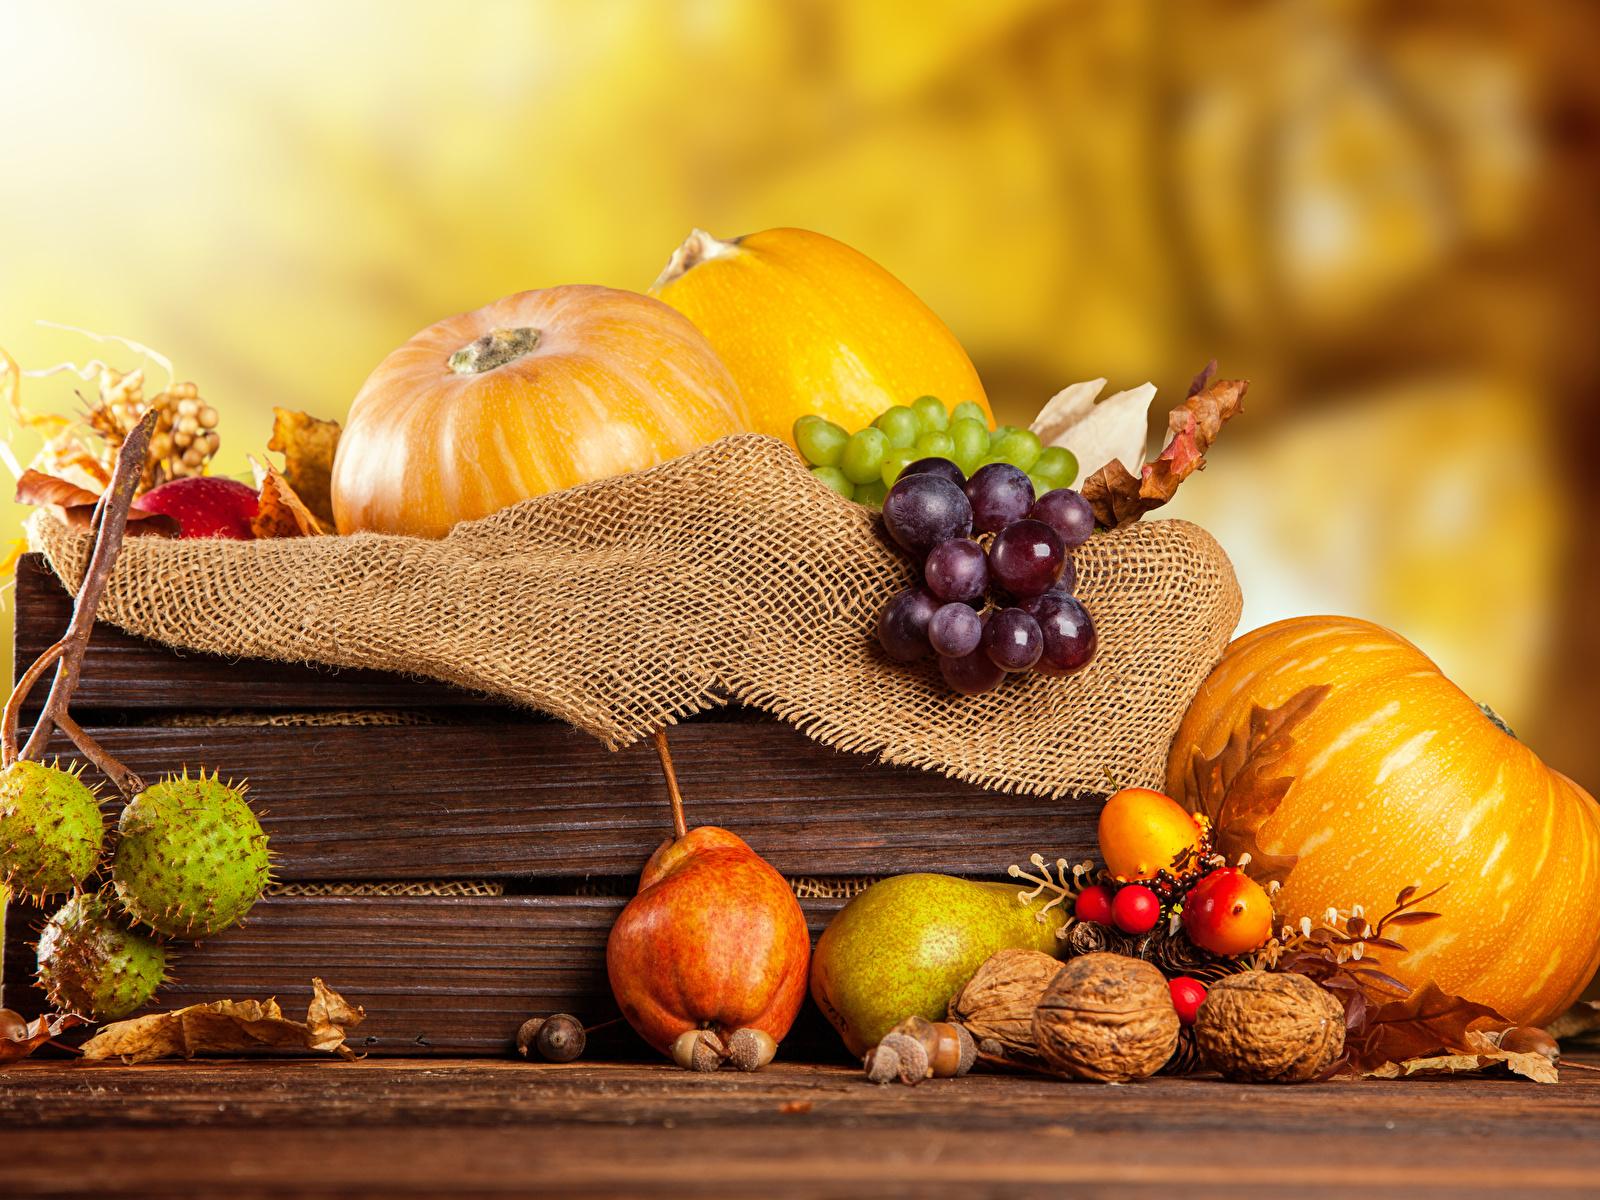 Фото Осень Тыква Груши Виноград Пища Орехи 1600x1200 осенние Еда Продукты питания